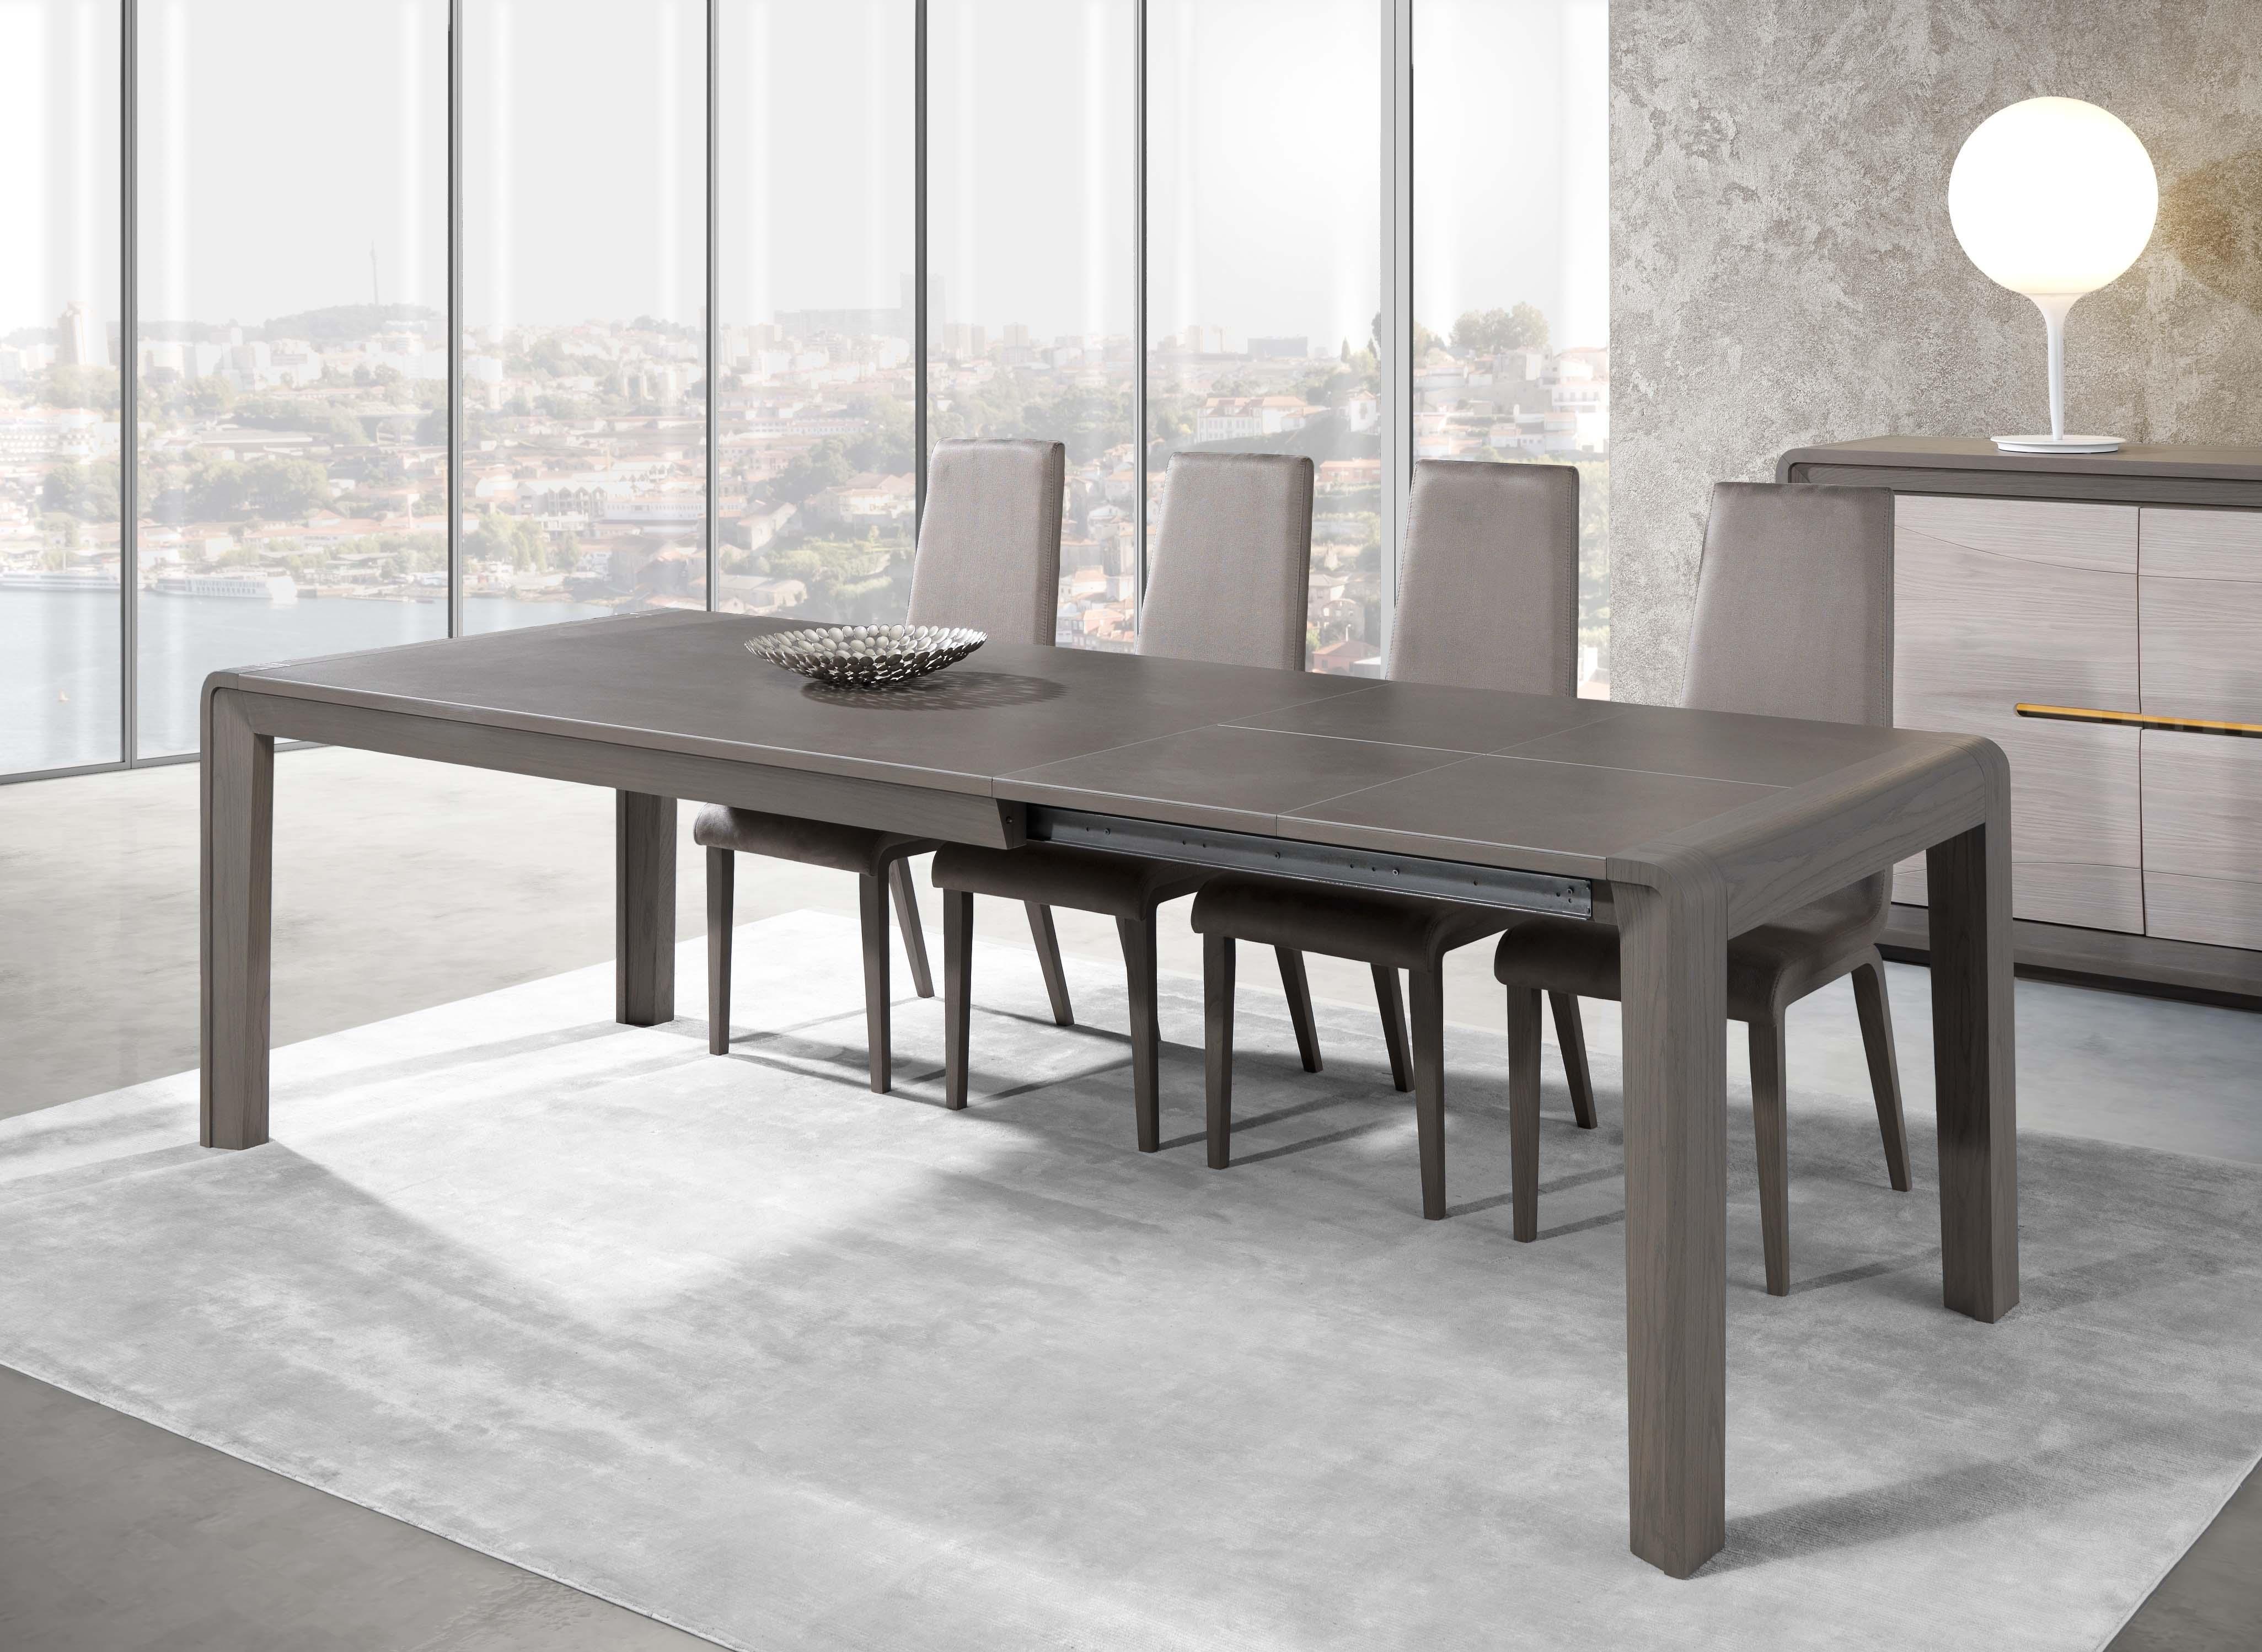 Table salle a manger monsieur meuble salle manger hoggar for Achat meuble salle a manger